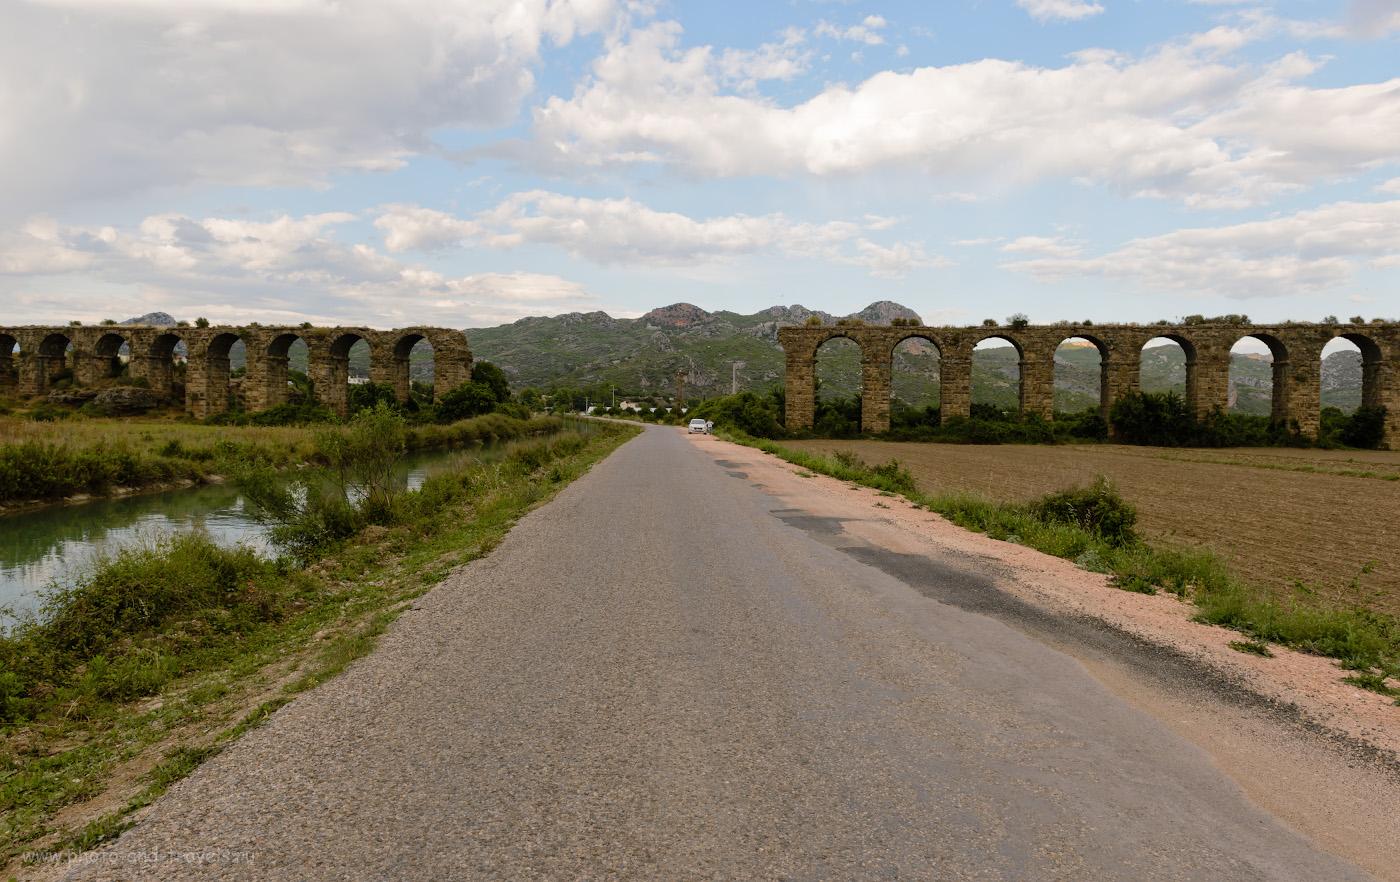 Фото 3. Остатки акведука для подачи воды в античный город Аспендос (Aspendos). Отзывы туристов об экскурсиях недалеко от Анталии. Путешествие по Турции на авто самостоятельно. 1/200, -0.67, 8.0, 100, 24.